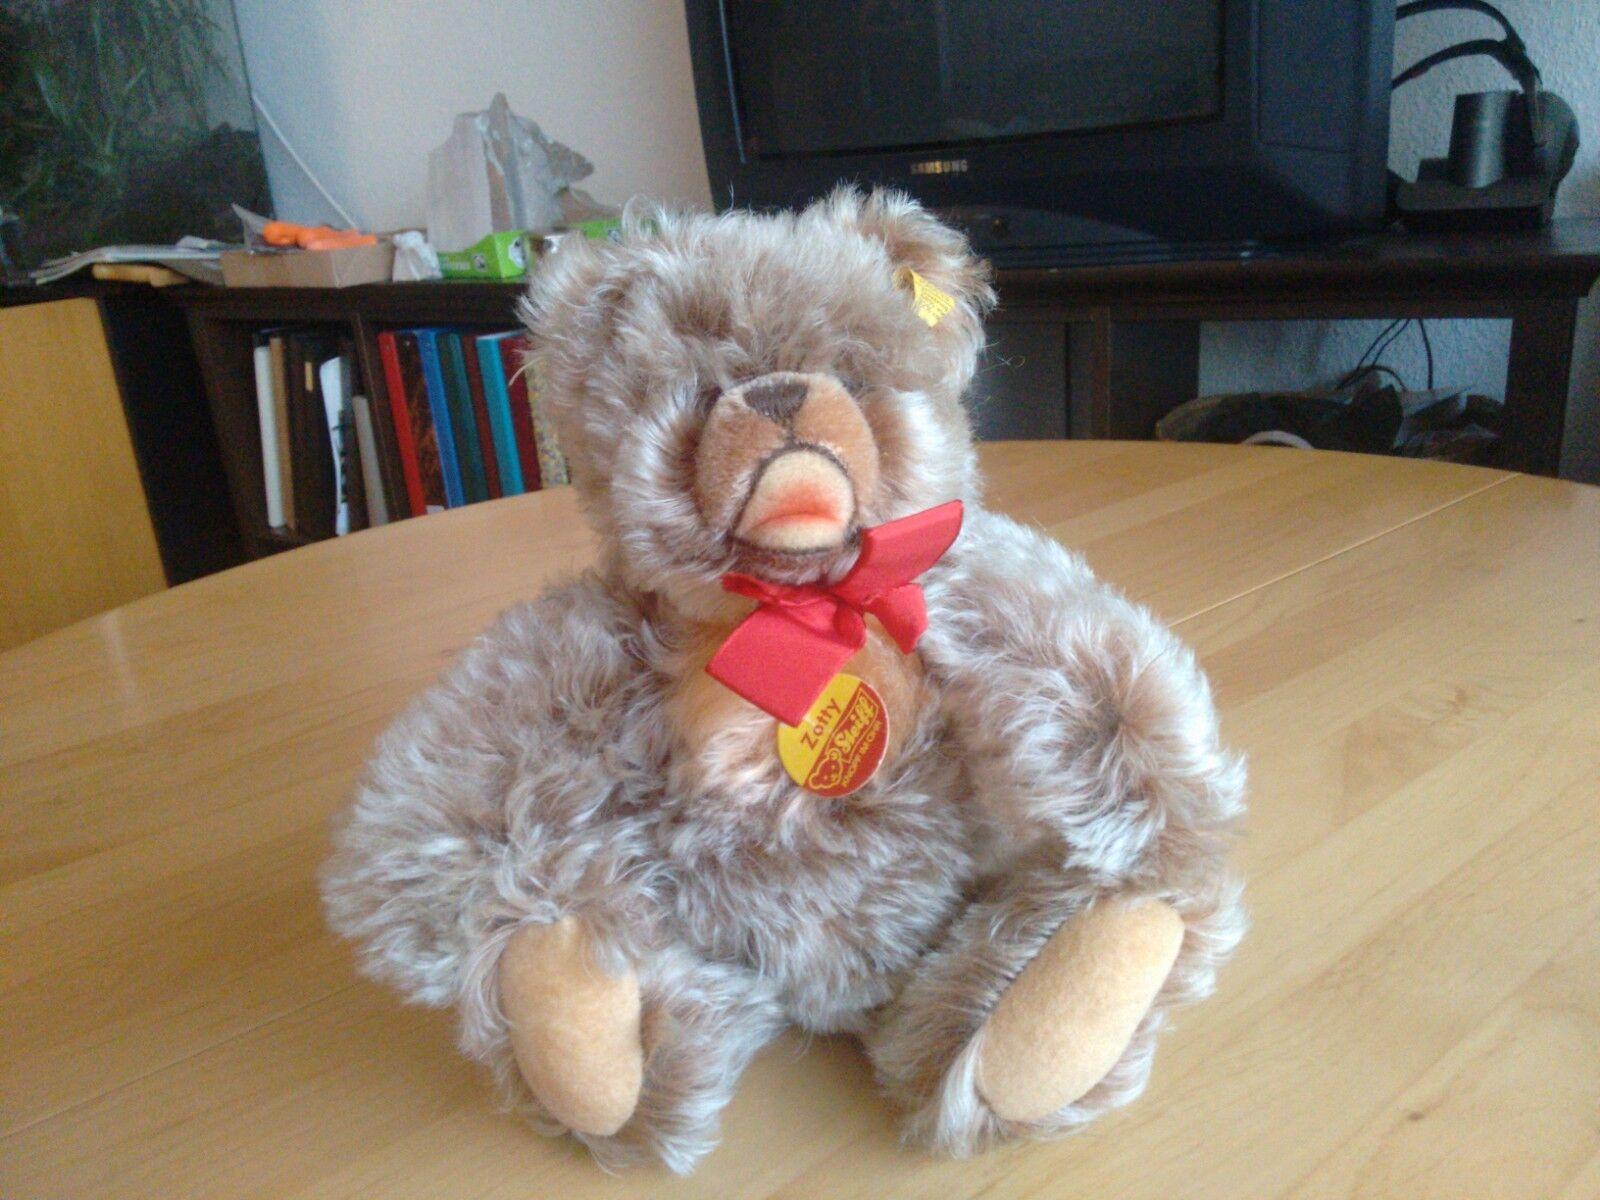 Steiff Teddybär Zotty - Plüschtier - Nr. 0300 28 - - - 28 cm groß - Kuscheltier 3891c2